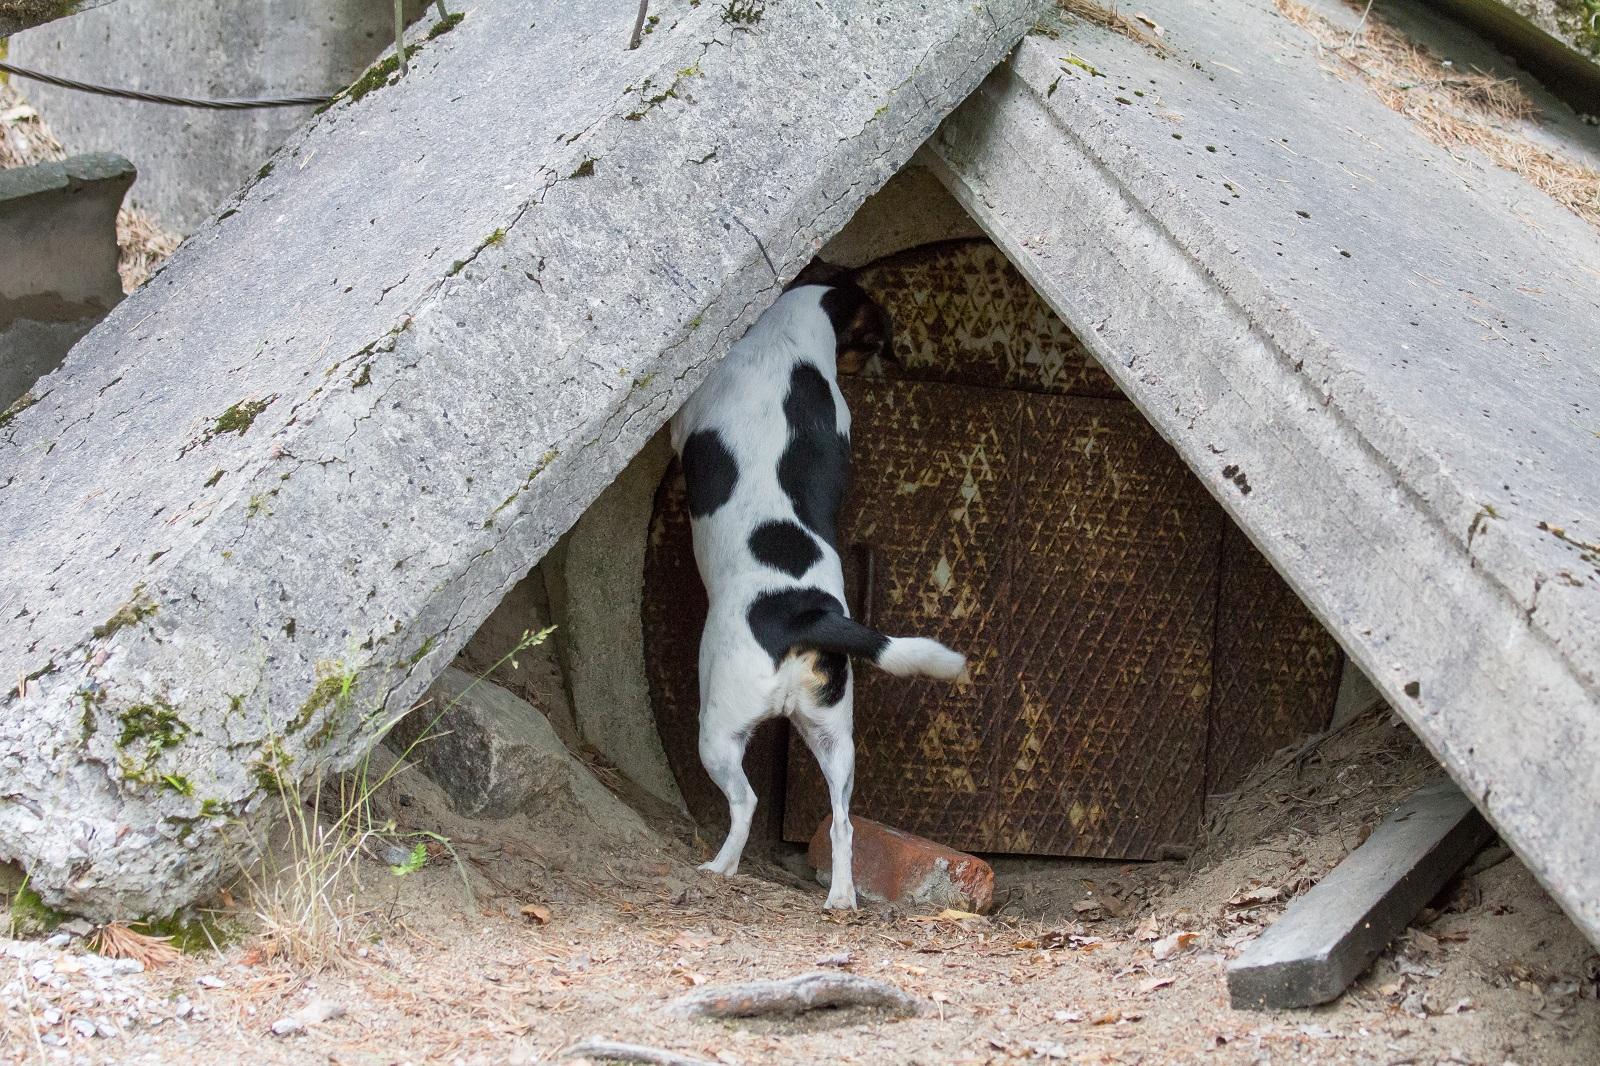 Tanskalais-ruotsalainen pihakoira Lilli tunkeutuu piiloon. Kuva: Elisa Reunanen.